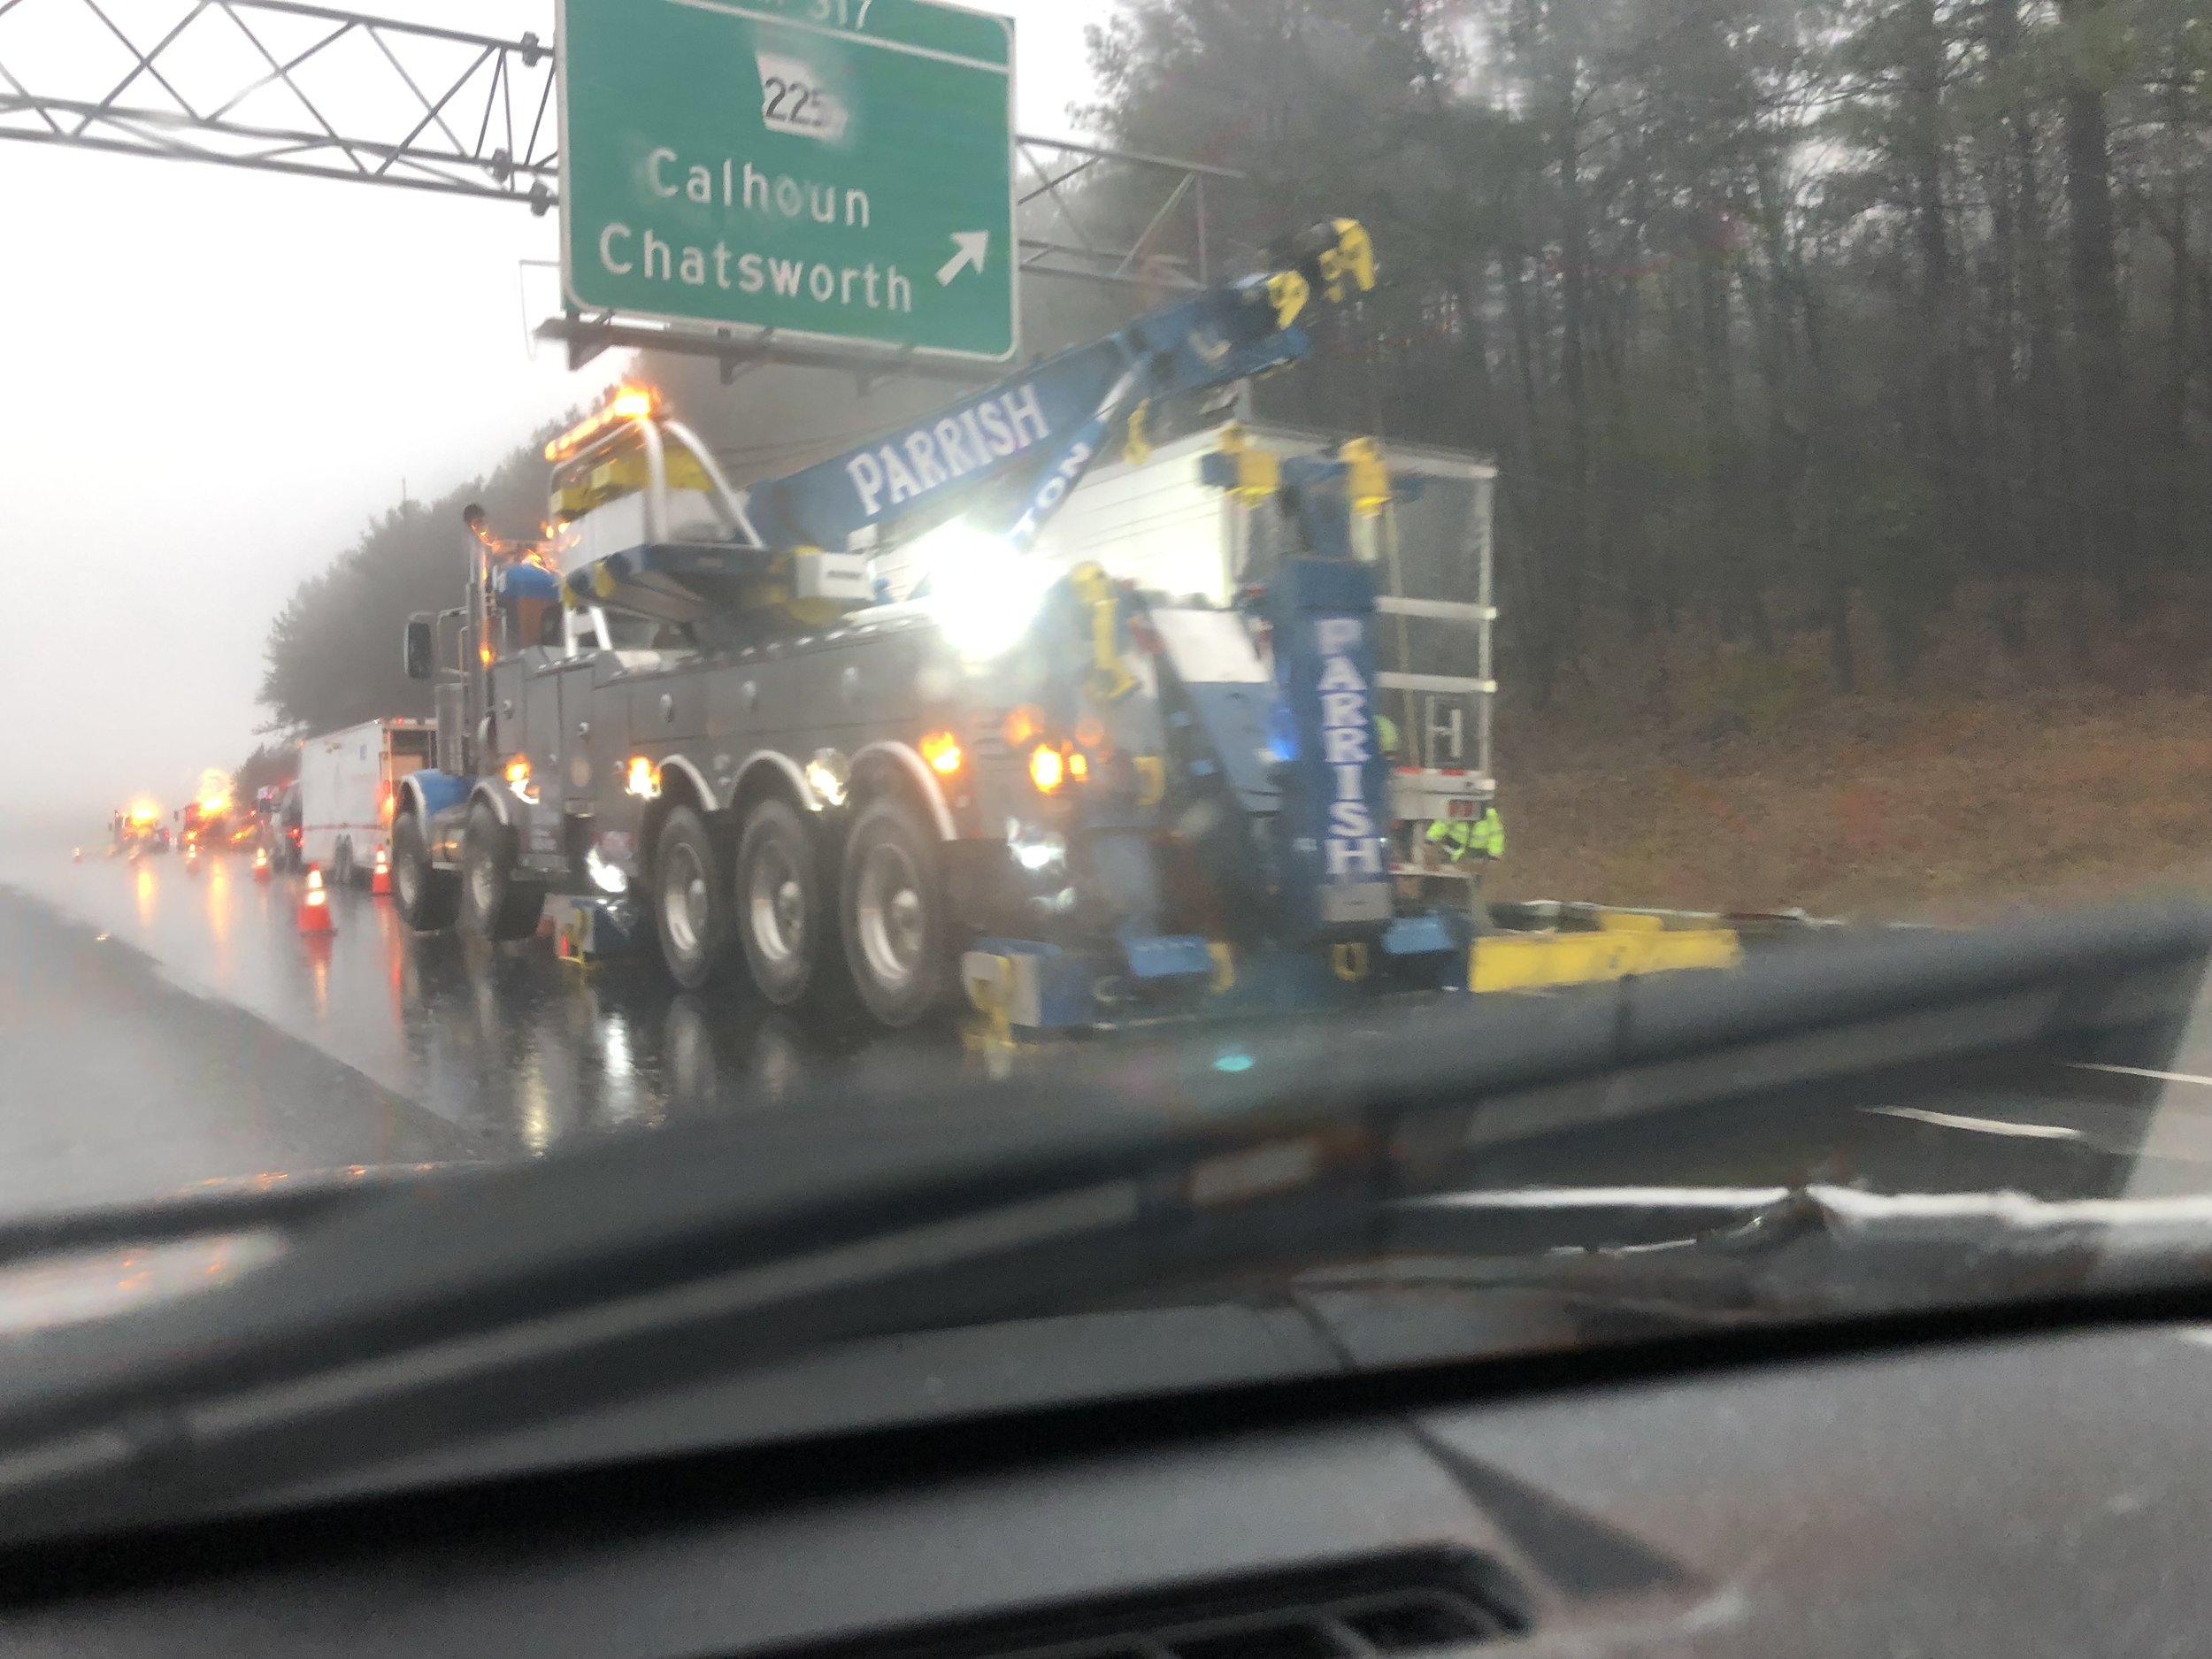 tractortrailerwreck.jpg